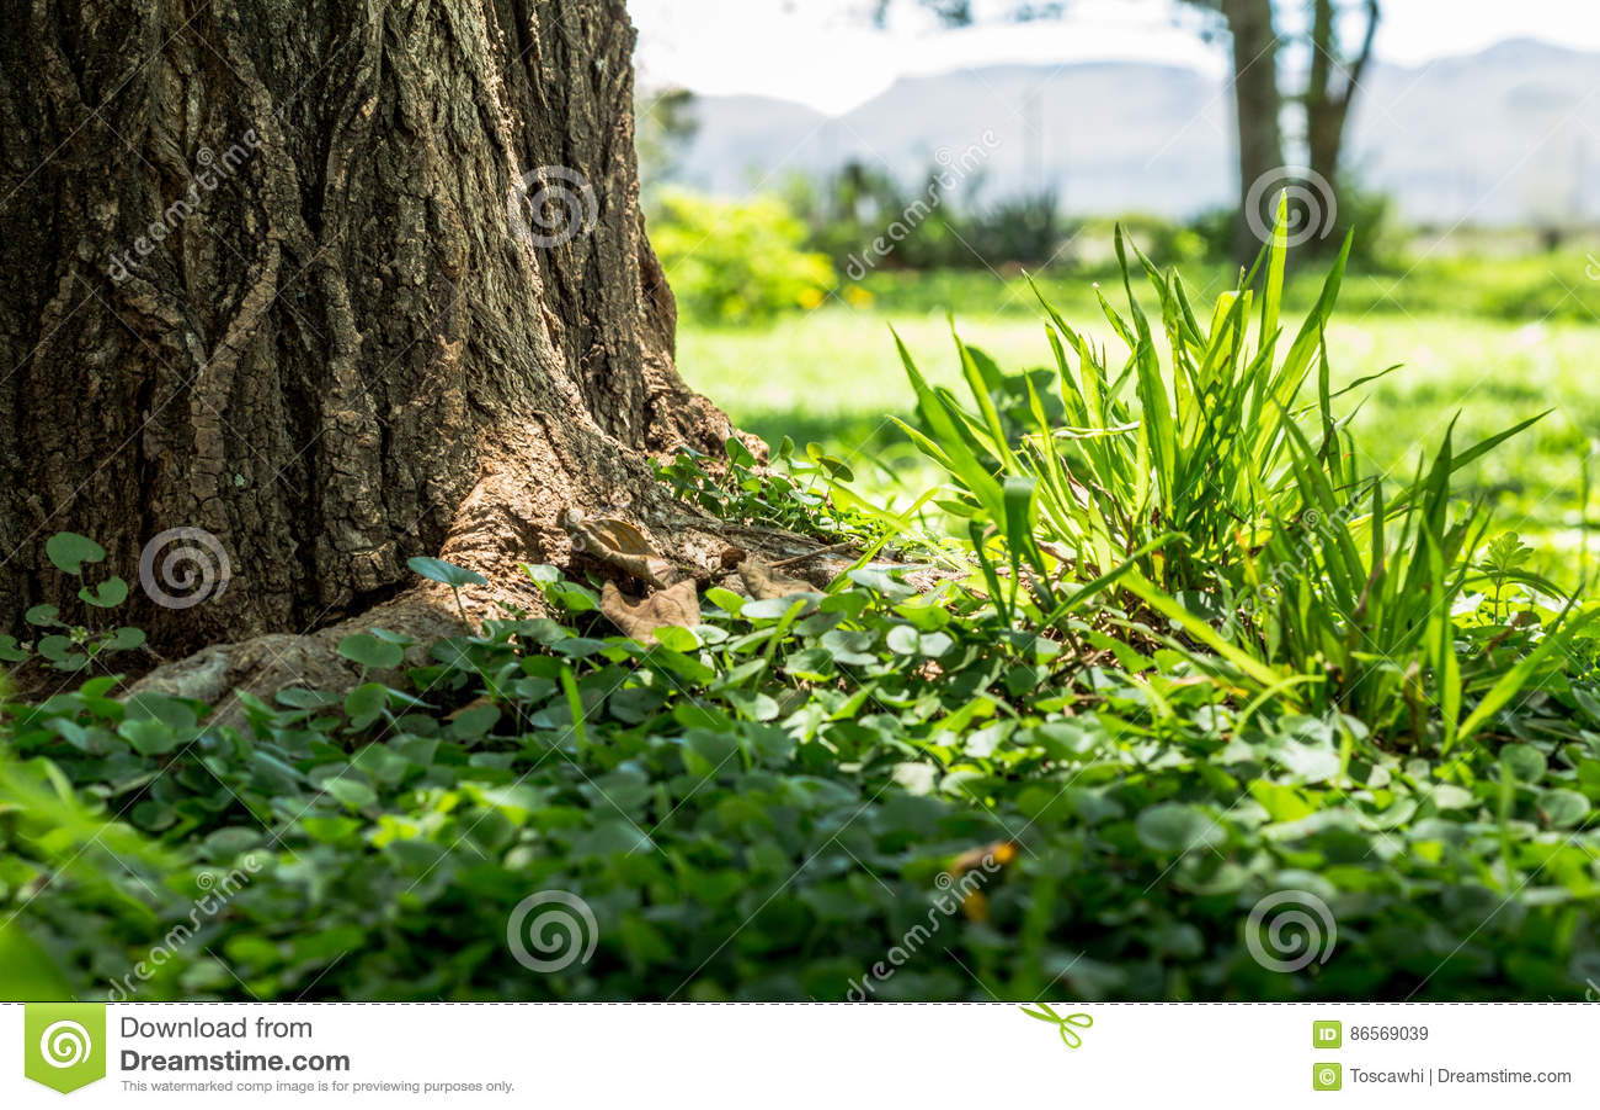 Fokus på rugge för grönt gräs och ogräscloseupen bredvid träd